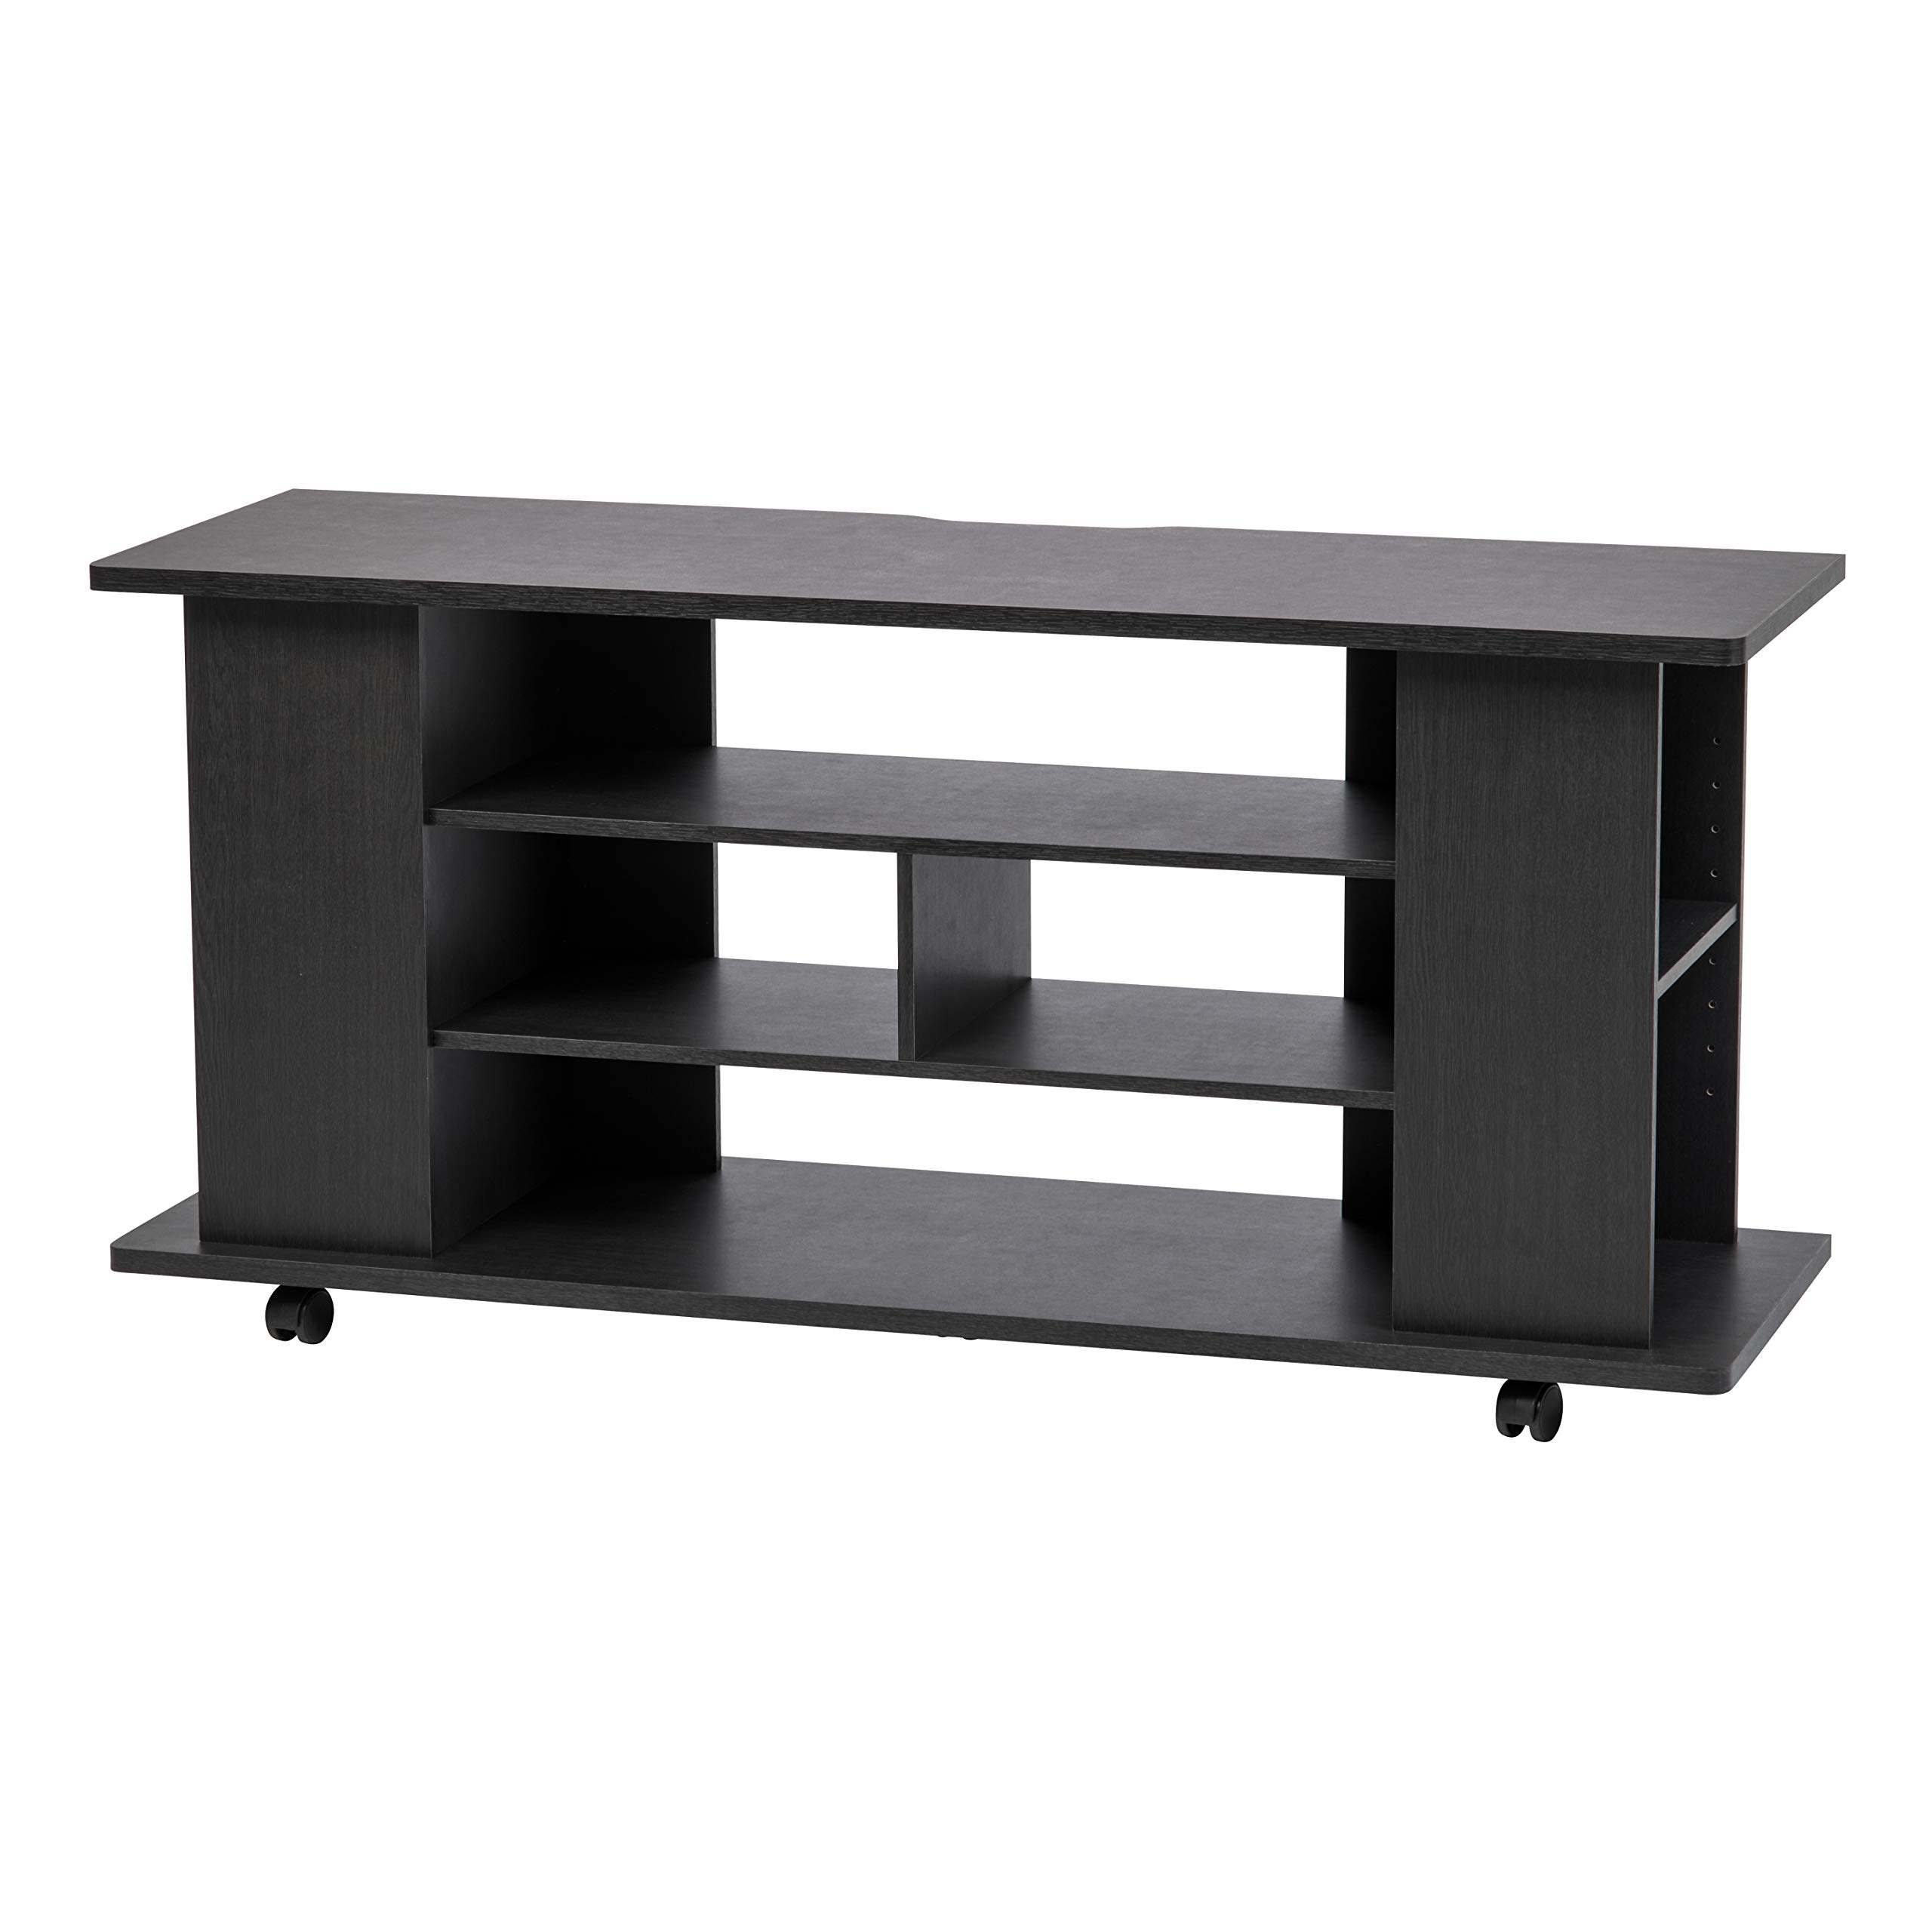 IRIS USA 596500 TVS-119R TV Stand Black